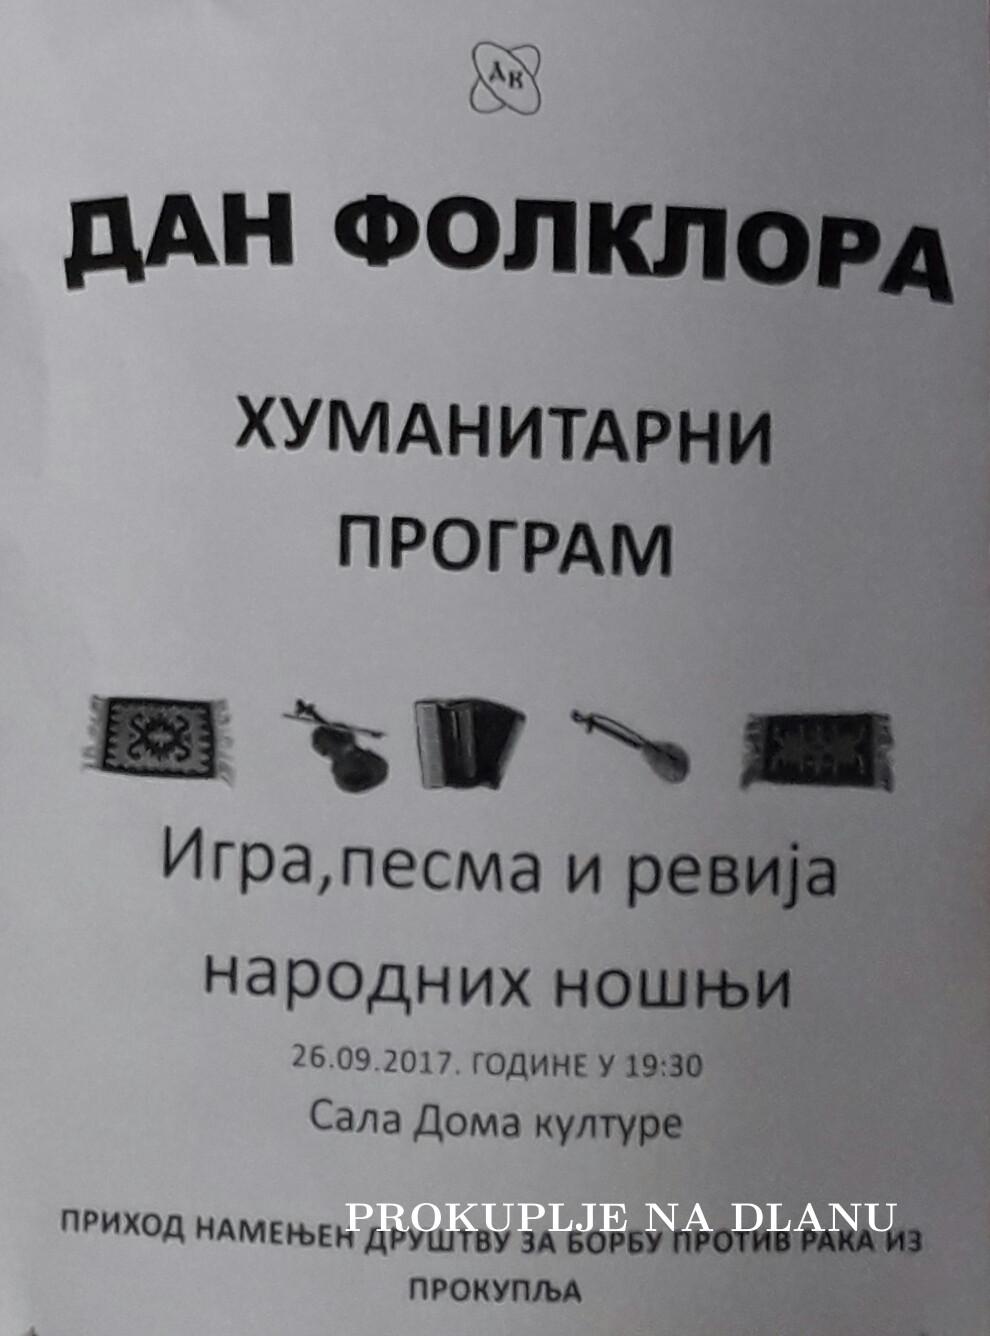 ХУМАНИРАНИ КОНЦЕРТ